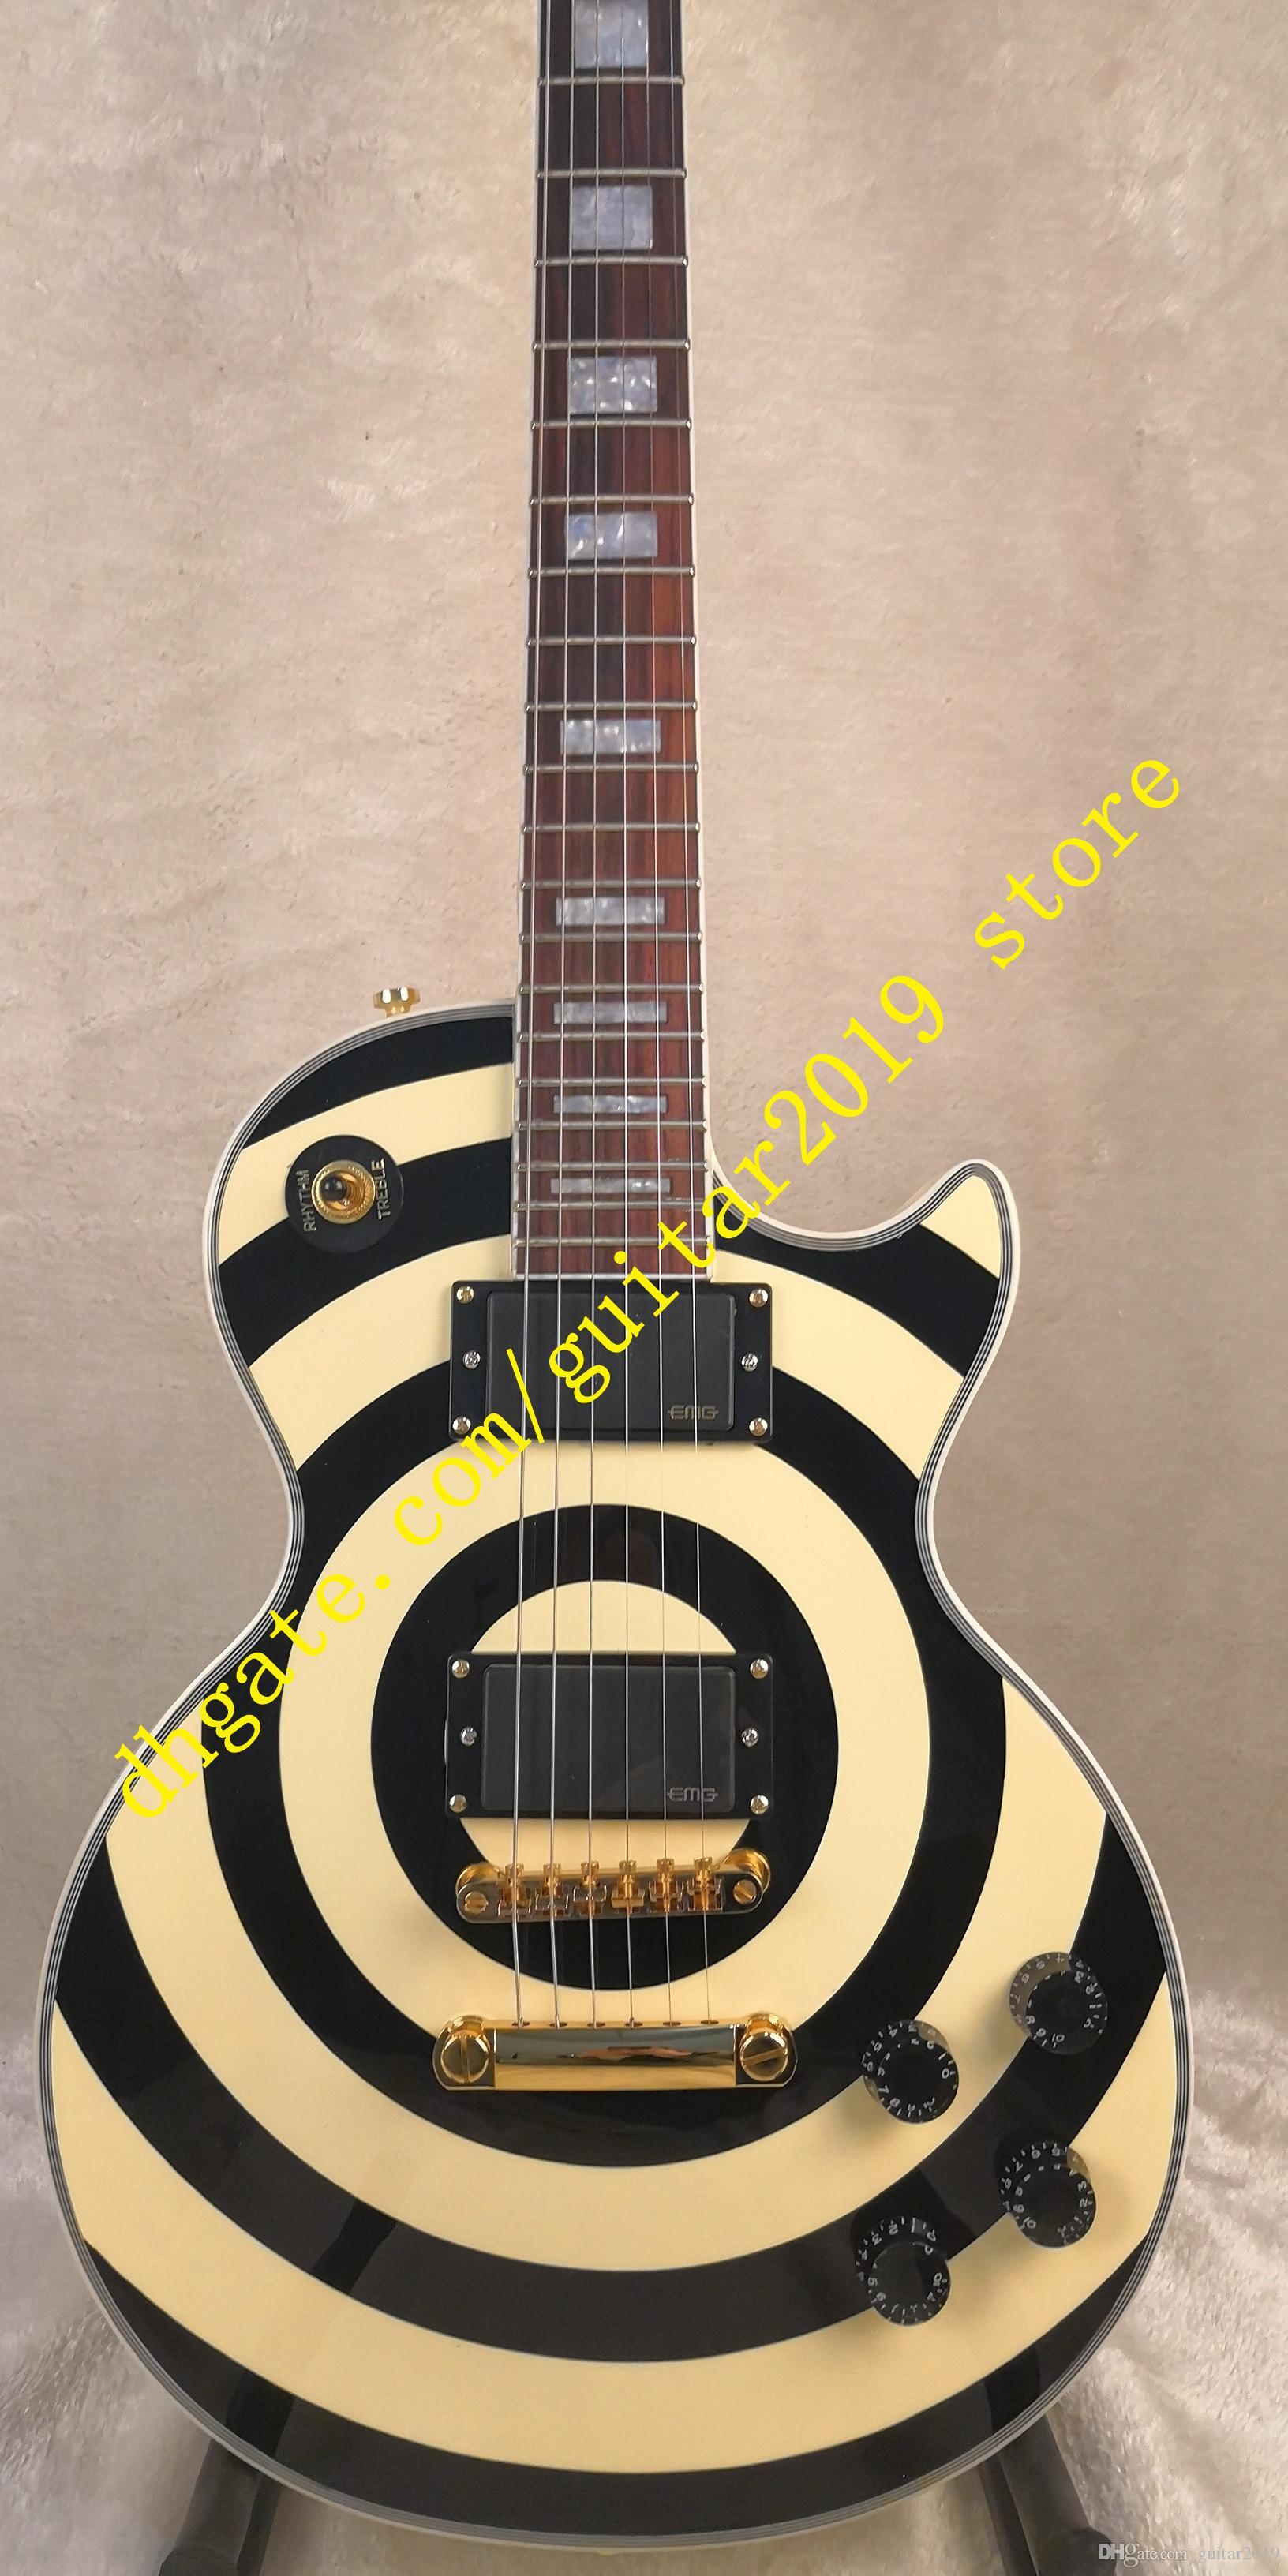 bullseye zakk com captadores ativos EMG E-M-G captadores ativos 81/85 com 9 V Bateria Guitarras Frete Grátis